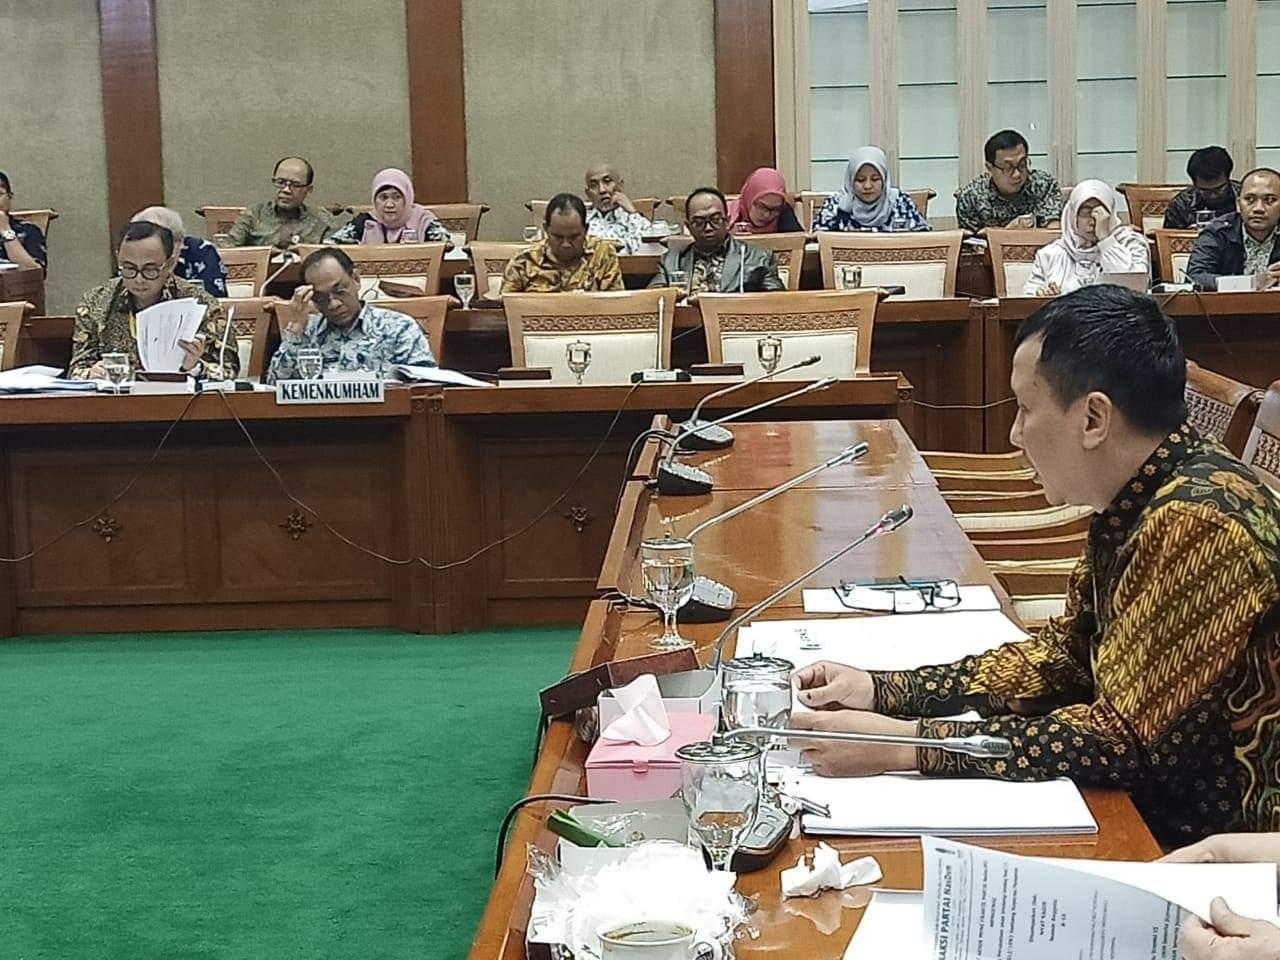 DPR: Cabut Label Halal Barang Impor, Pemerintah Terkesan Rasis dan Tidak Toleran BEKASIMEDIA.COM  